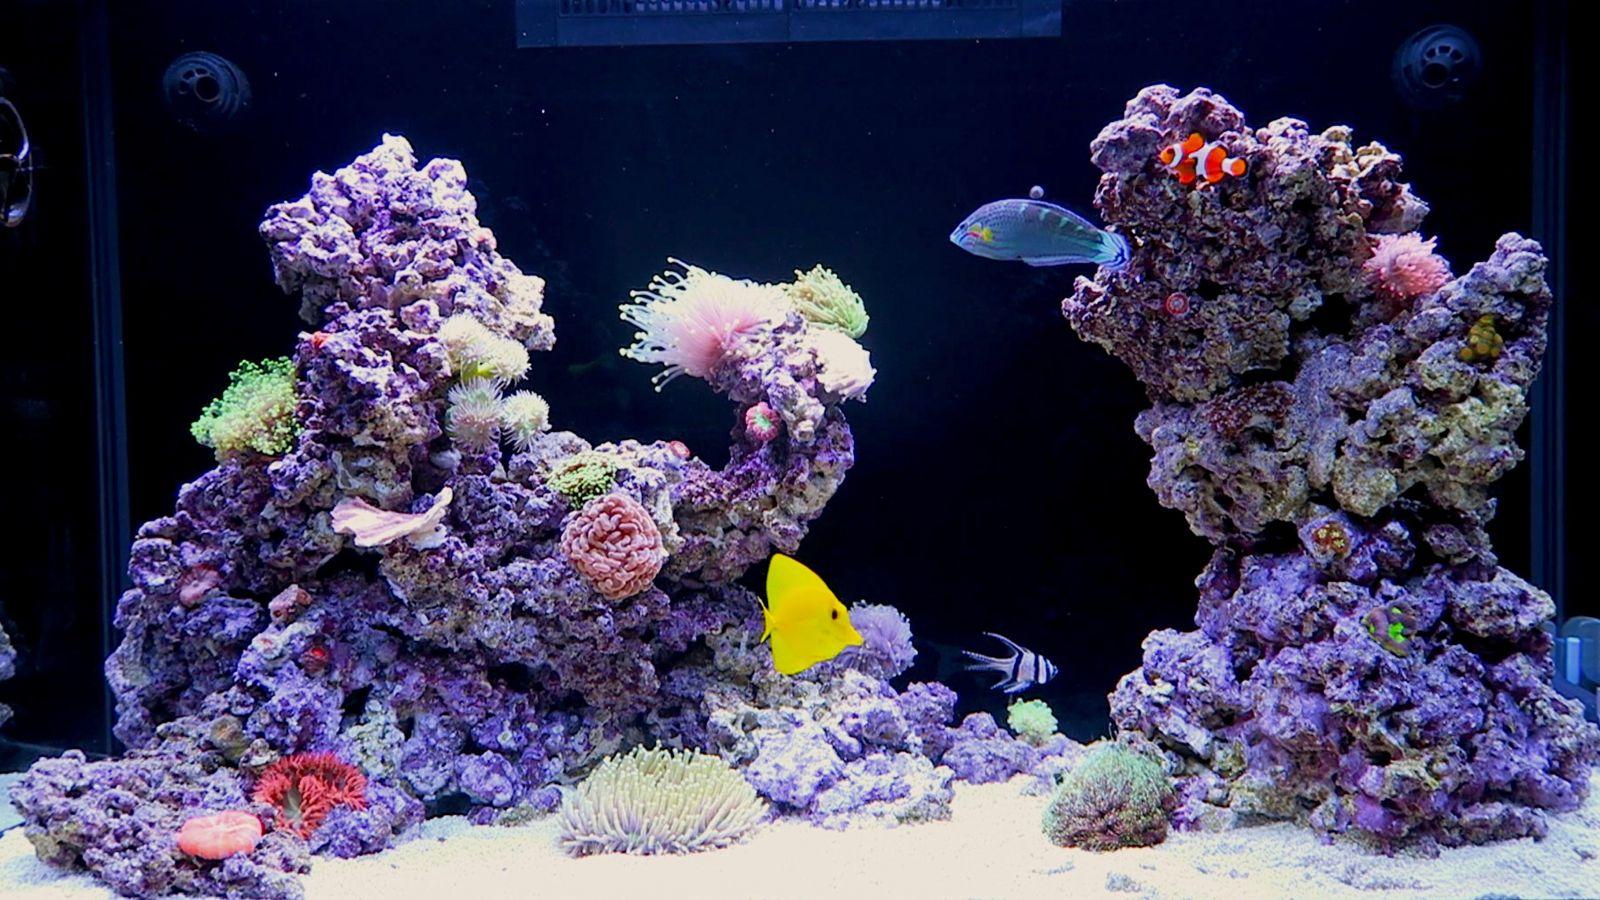 red sea max c 250 aquarium close up tank shots nano. Black Bedroom Furniture Sets. Home Design Ideas